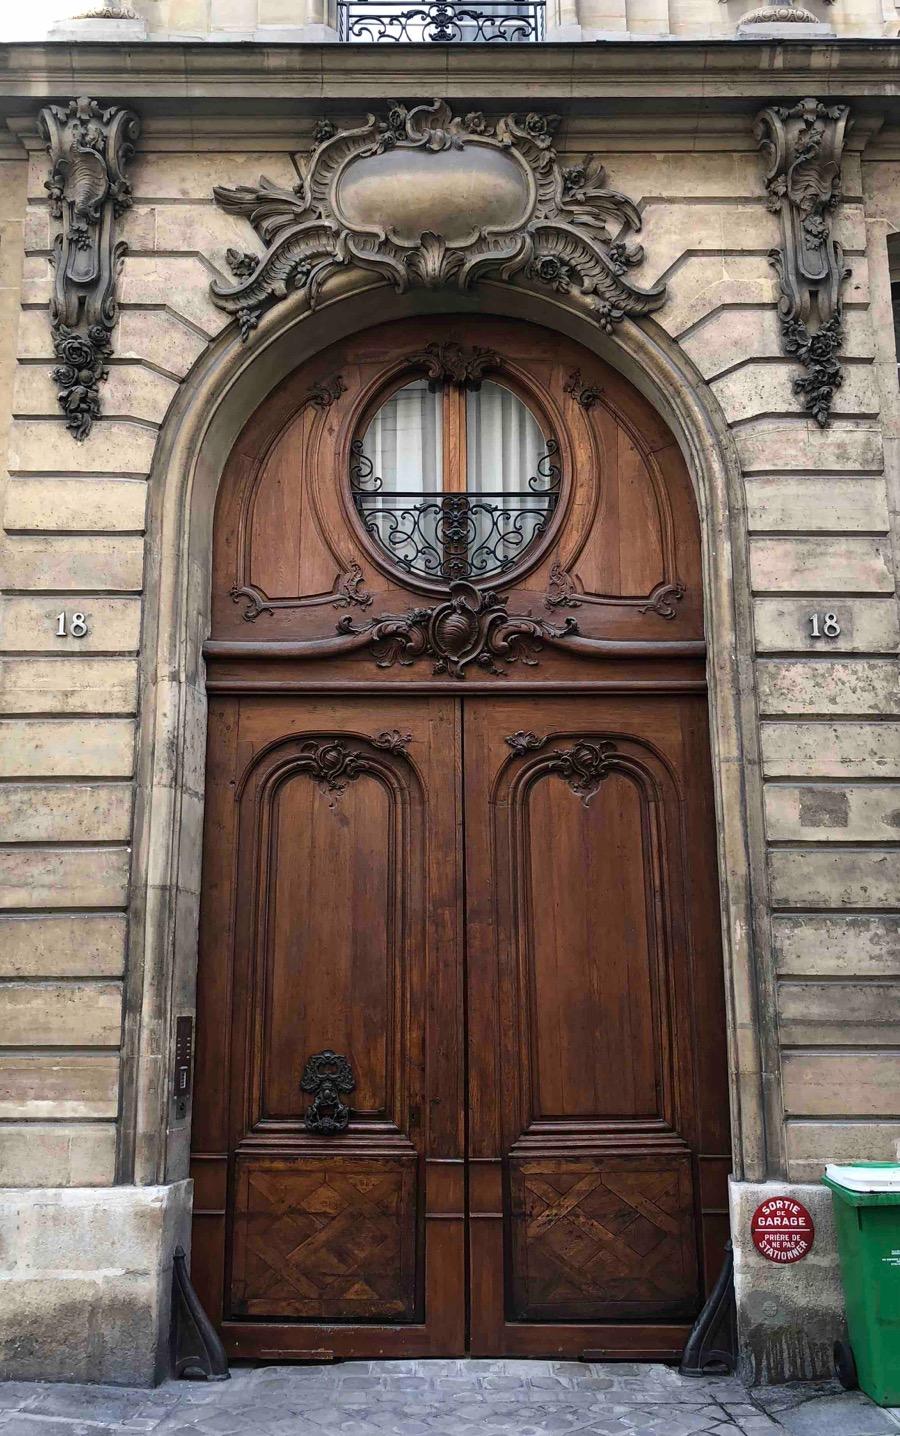 18 RUE DU CHERCHE MIDI PARIS 6